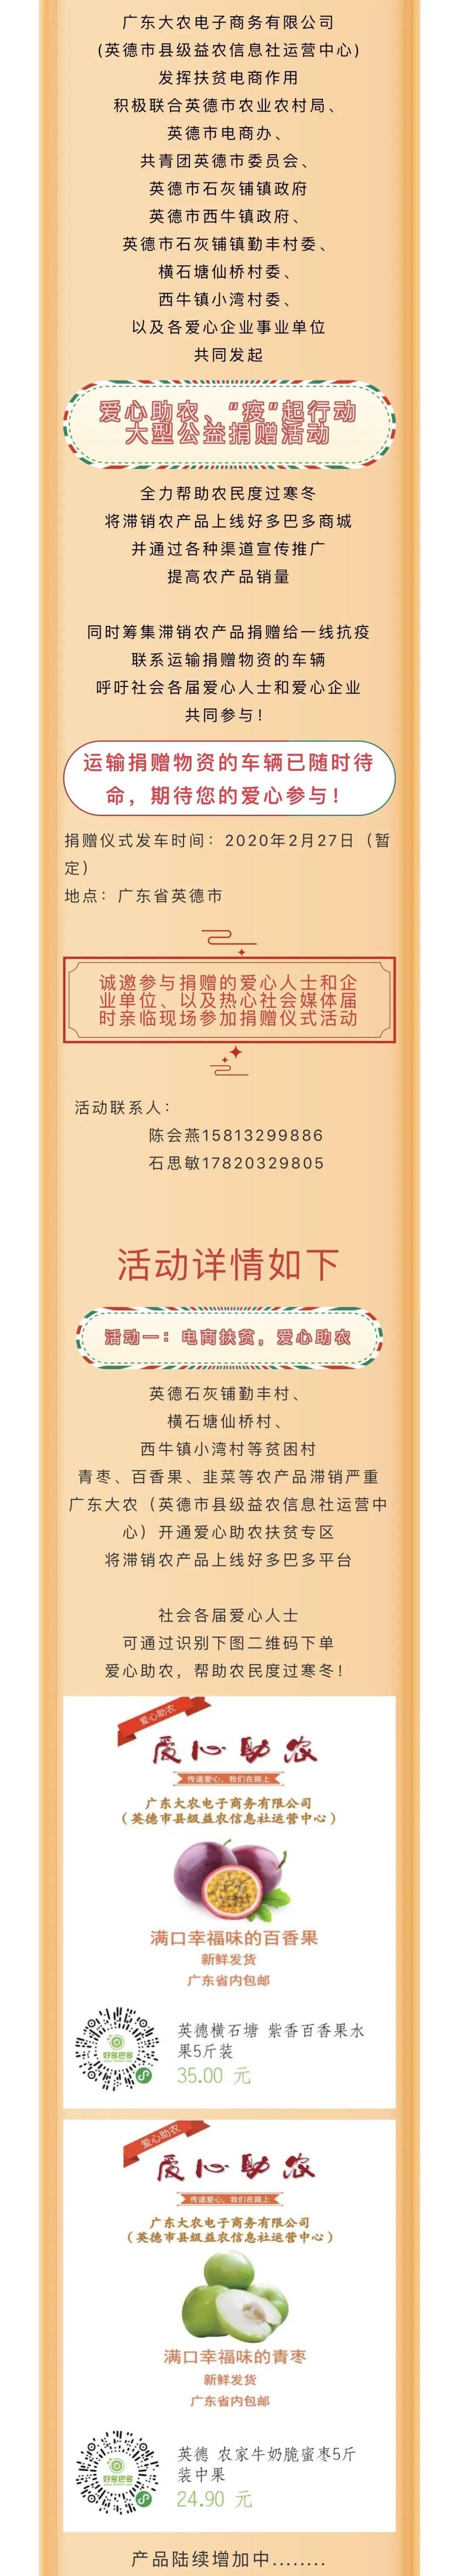 02.25廣東大農愛心助農02